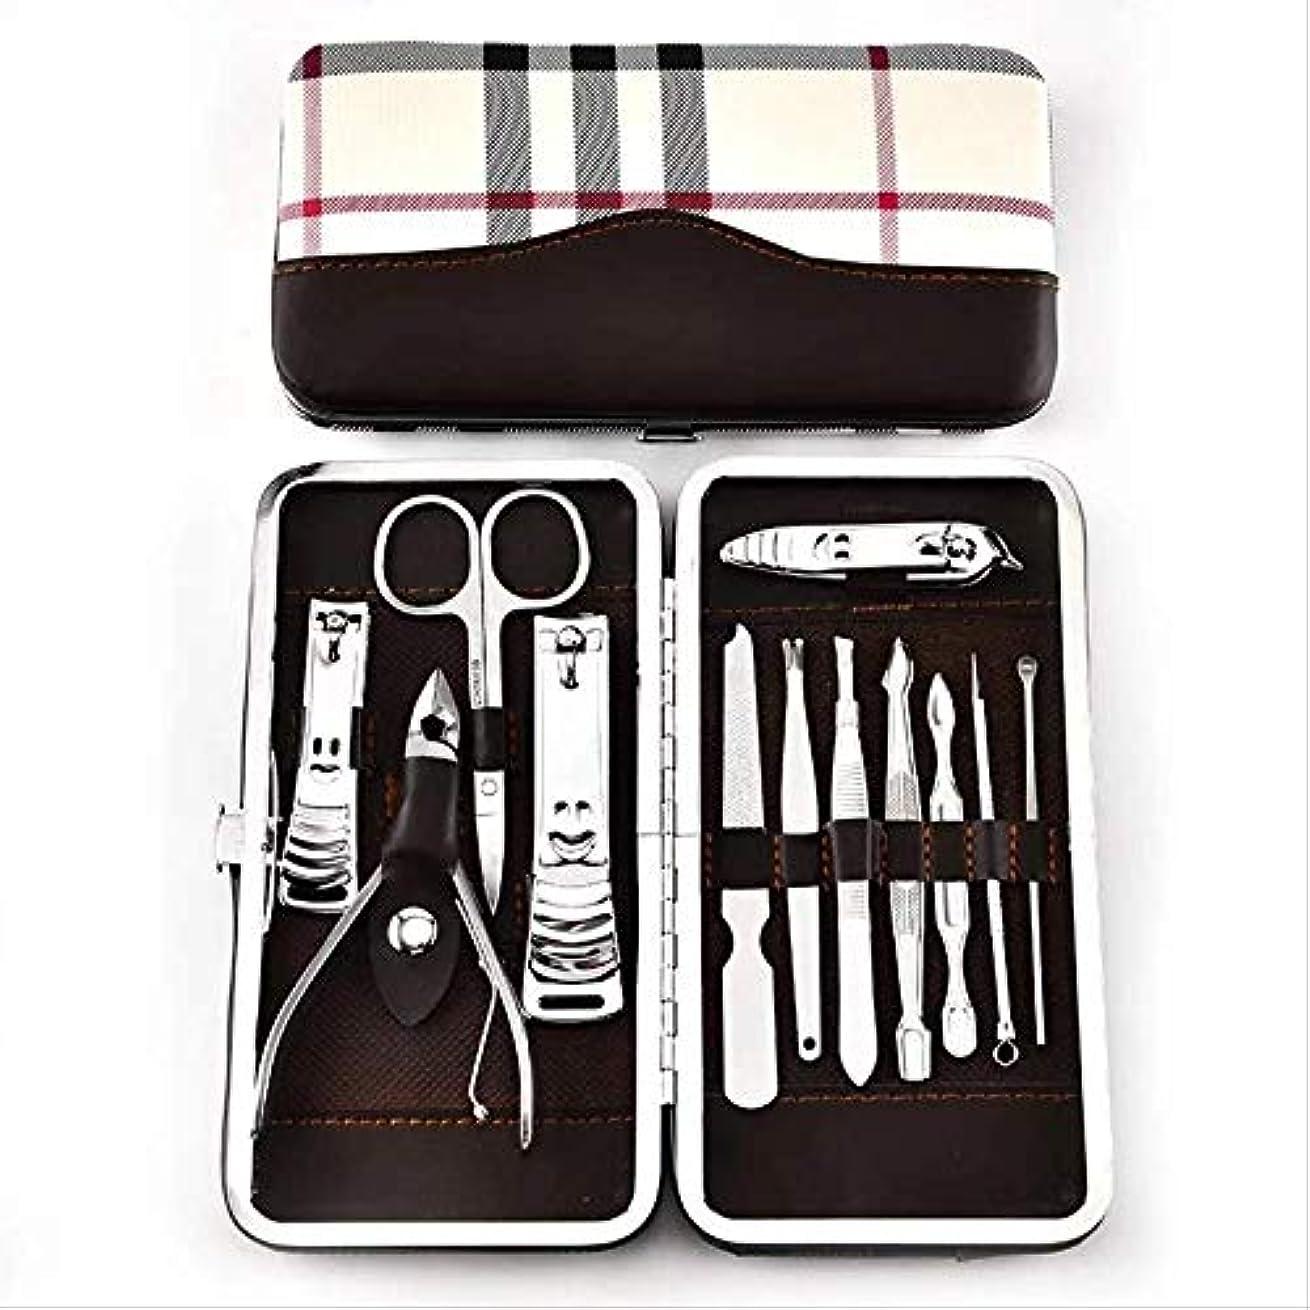 ホイストすずめアイドル爪切りセット16ピースペディキュアナイフ美容プライヤー爪ツール 7119